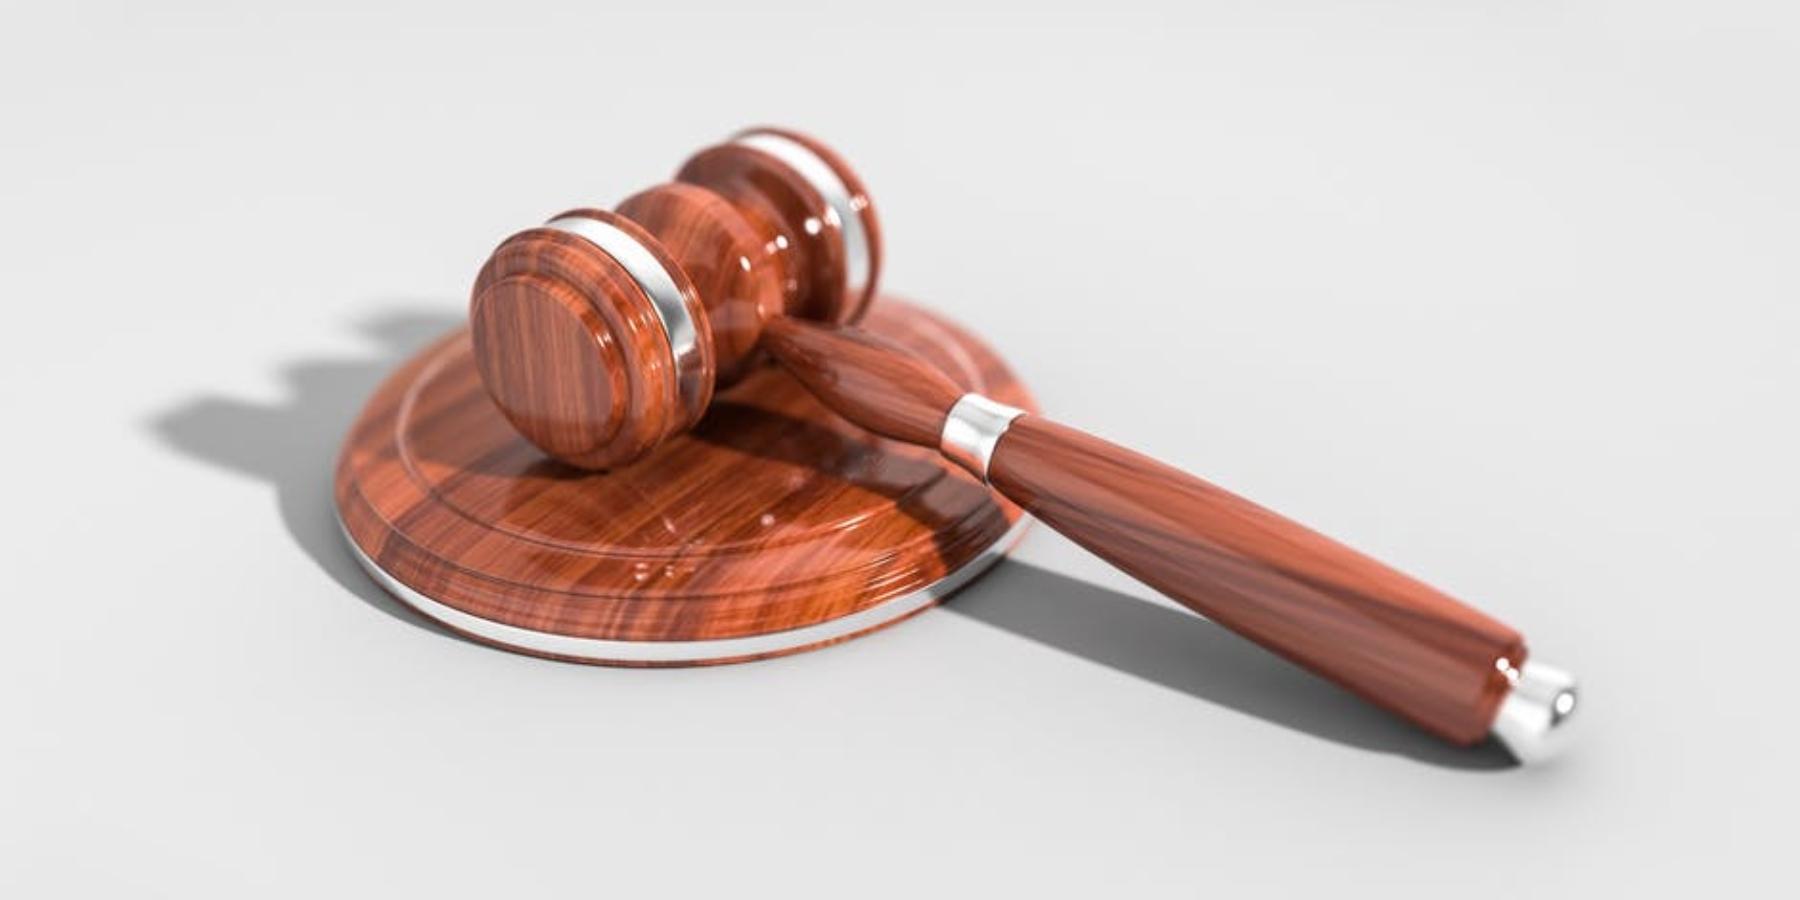 10 kwestii prawnych, októrychprzedsiębiorca e-sklepu powinien wiedzieć